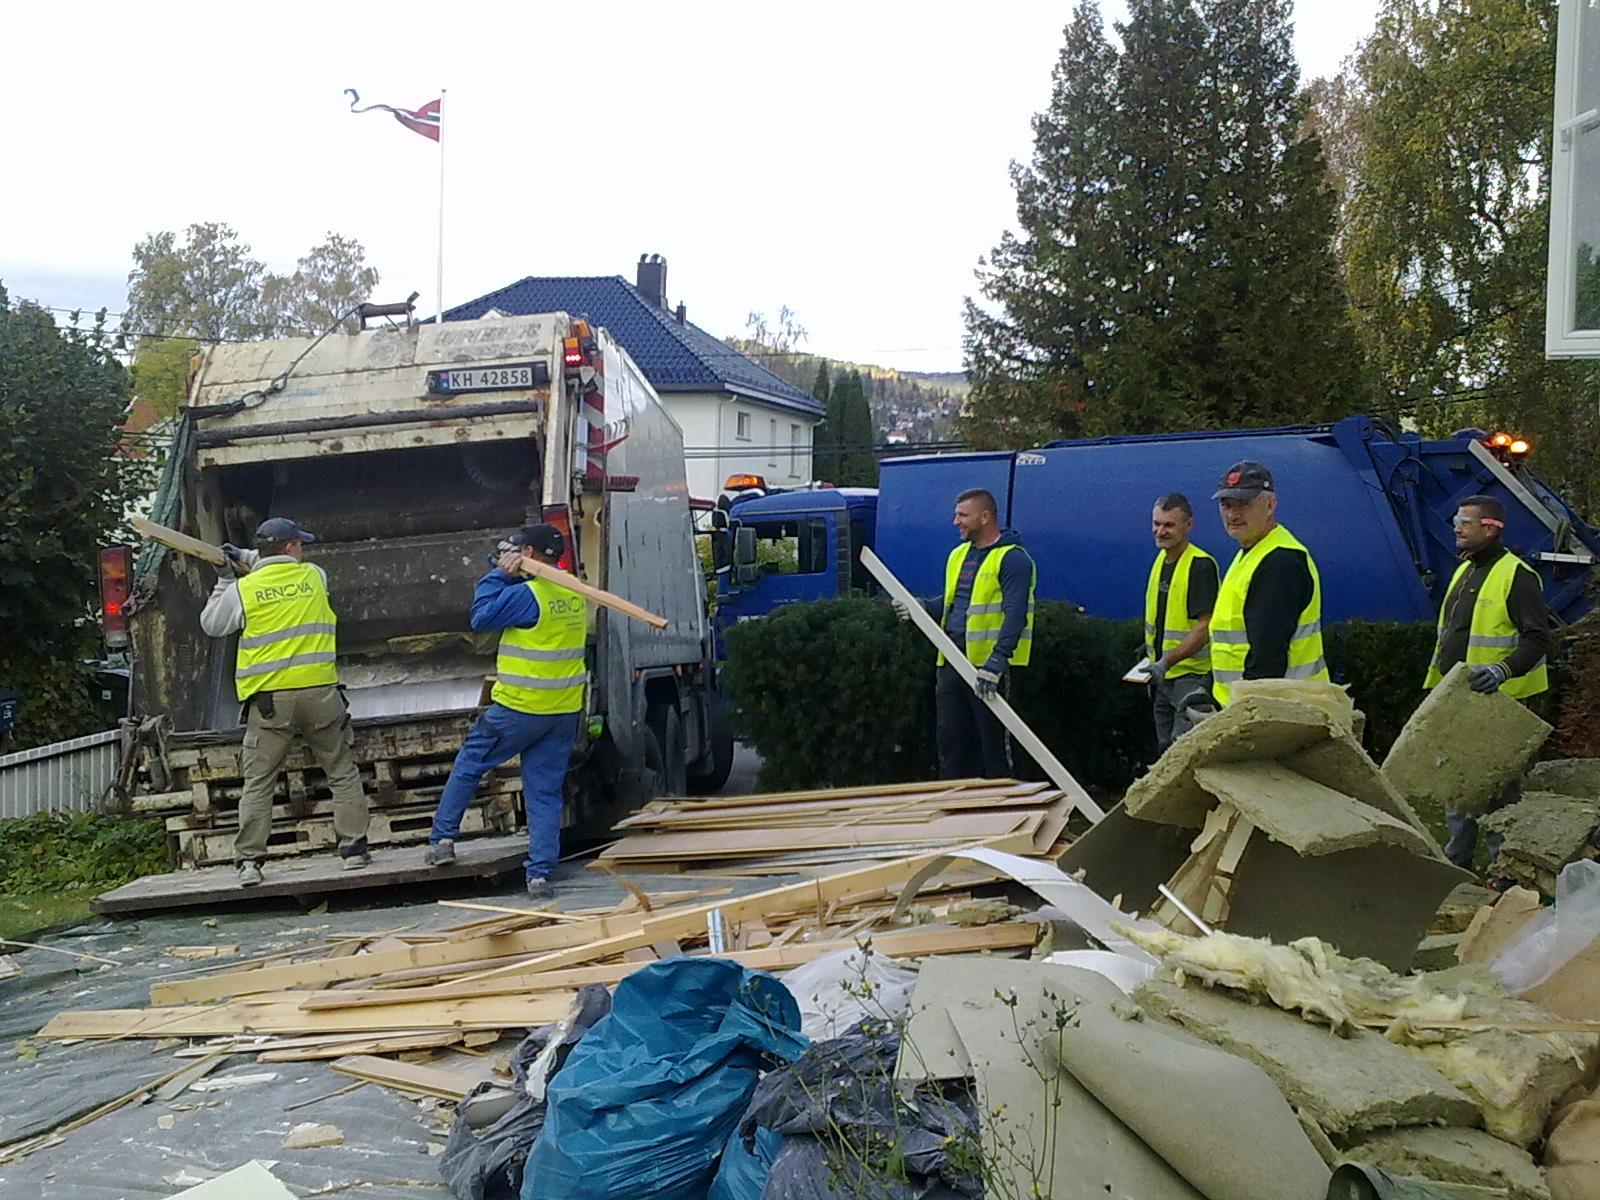 renova-riving-her-laster-vi-inn-treverk-i-en-komprimatorbil-den-andre-i-bakgrunnen-tar-her-blandet-avfall